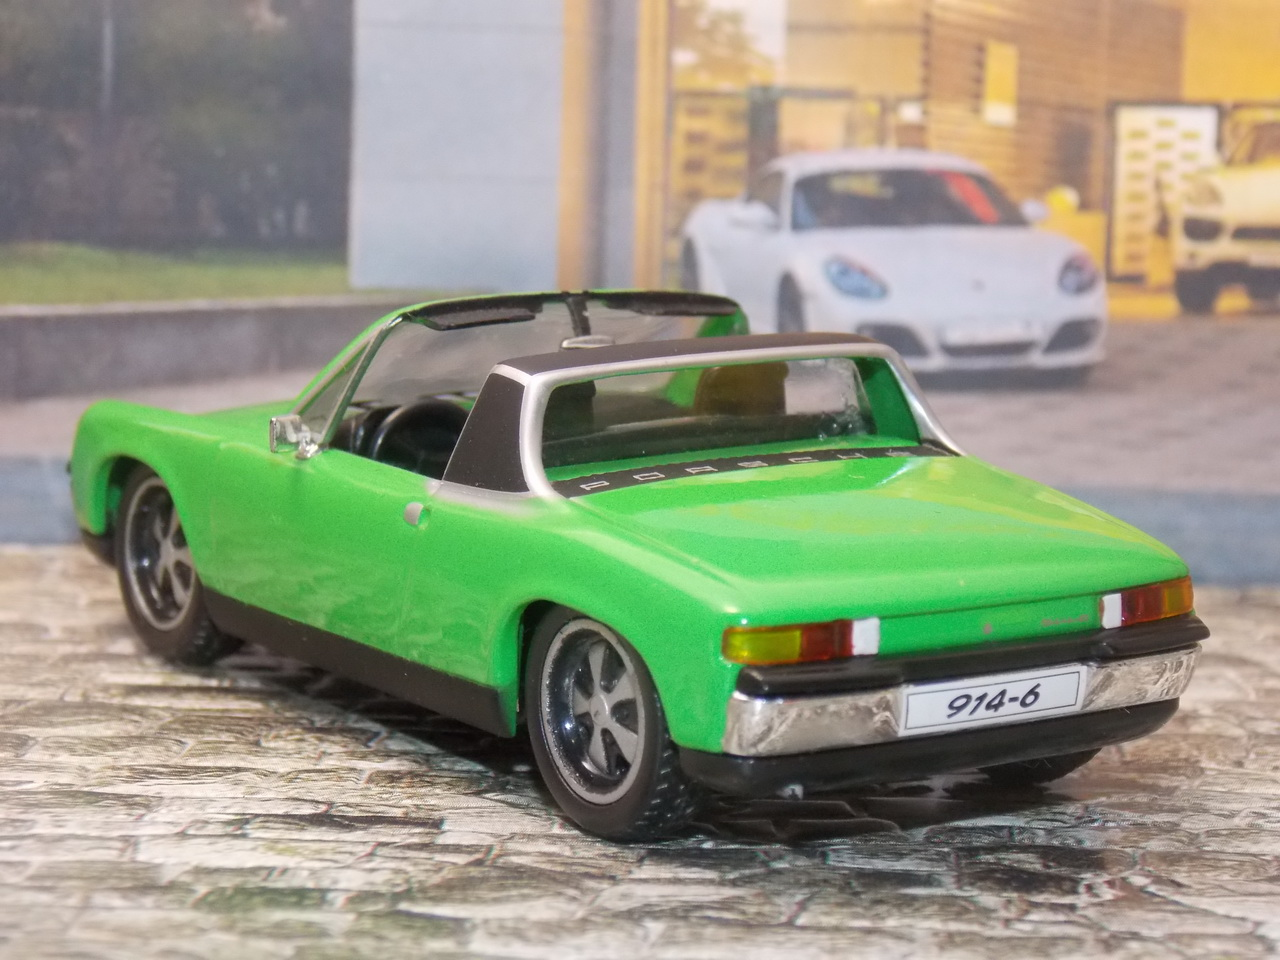 Porsche 914-6 - 1970